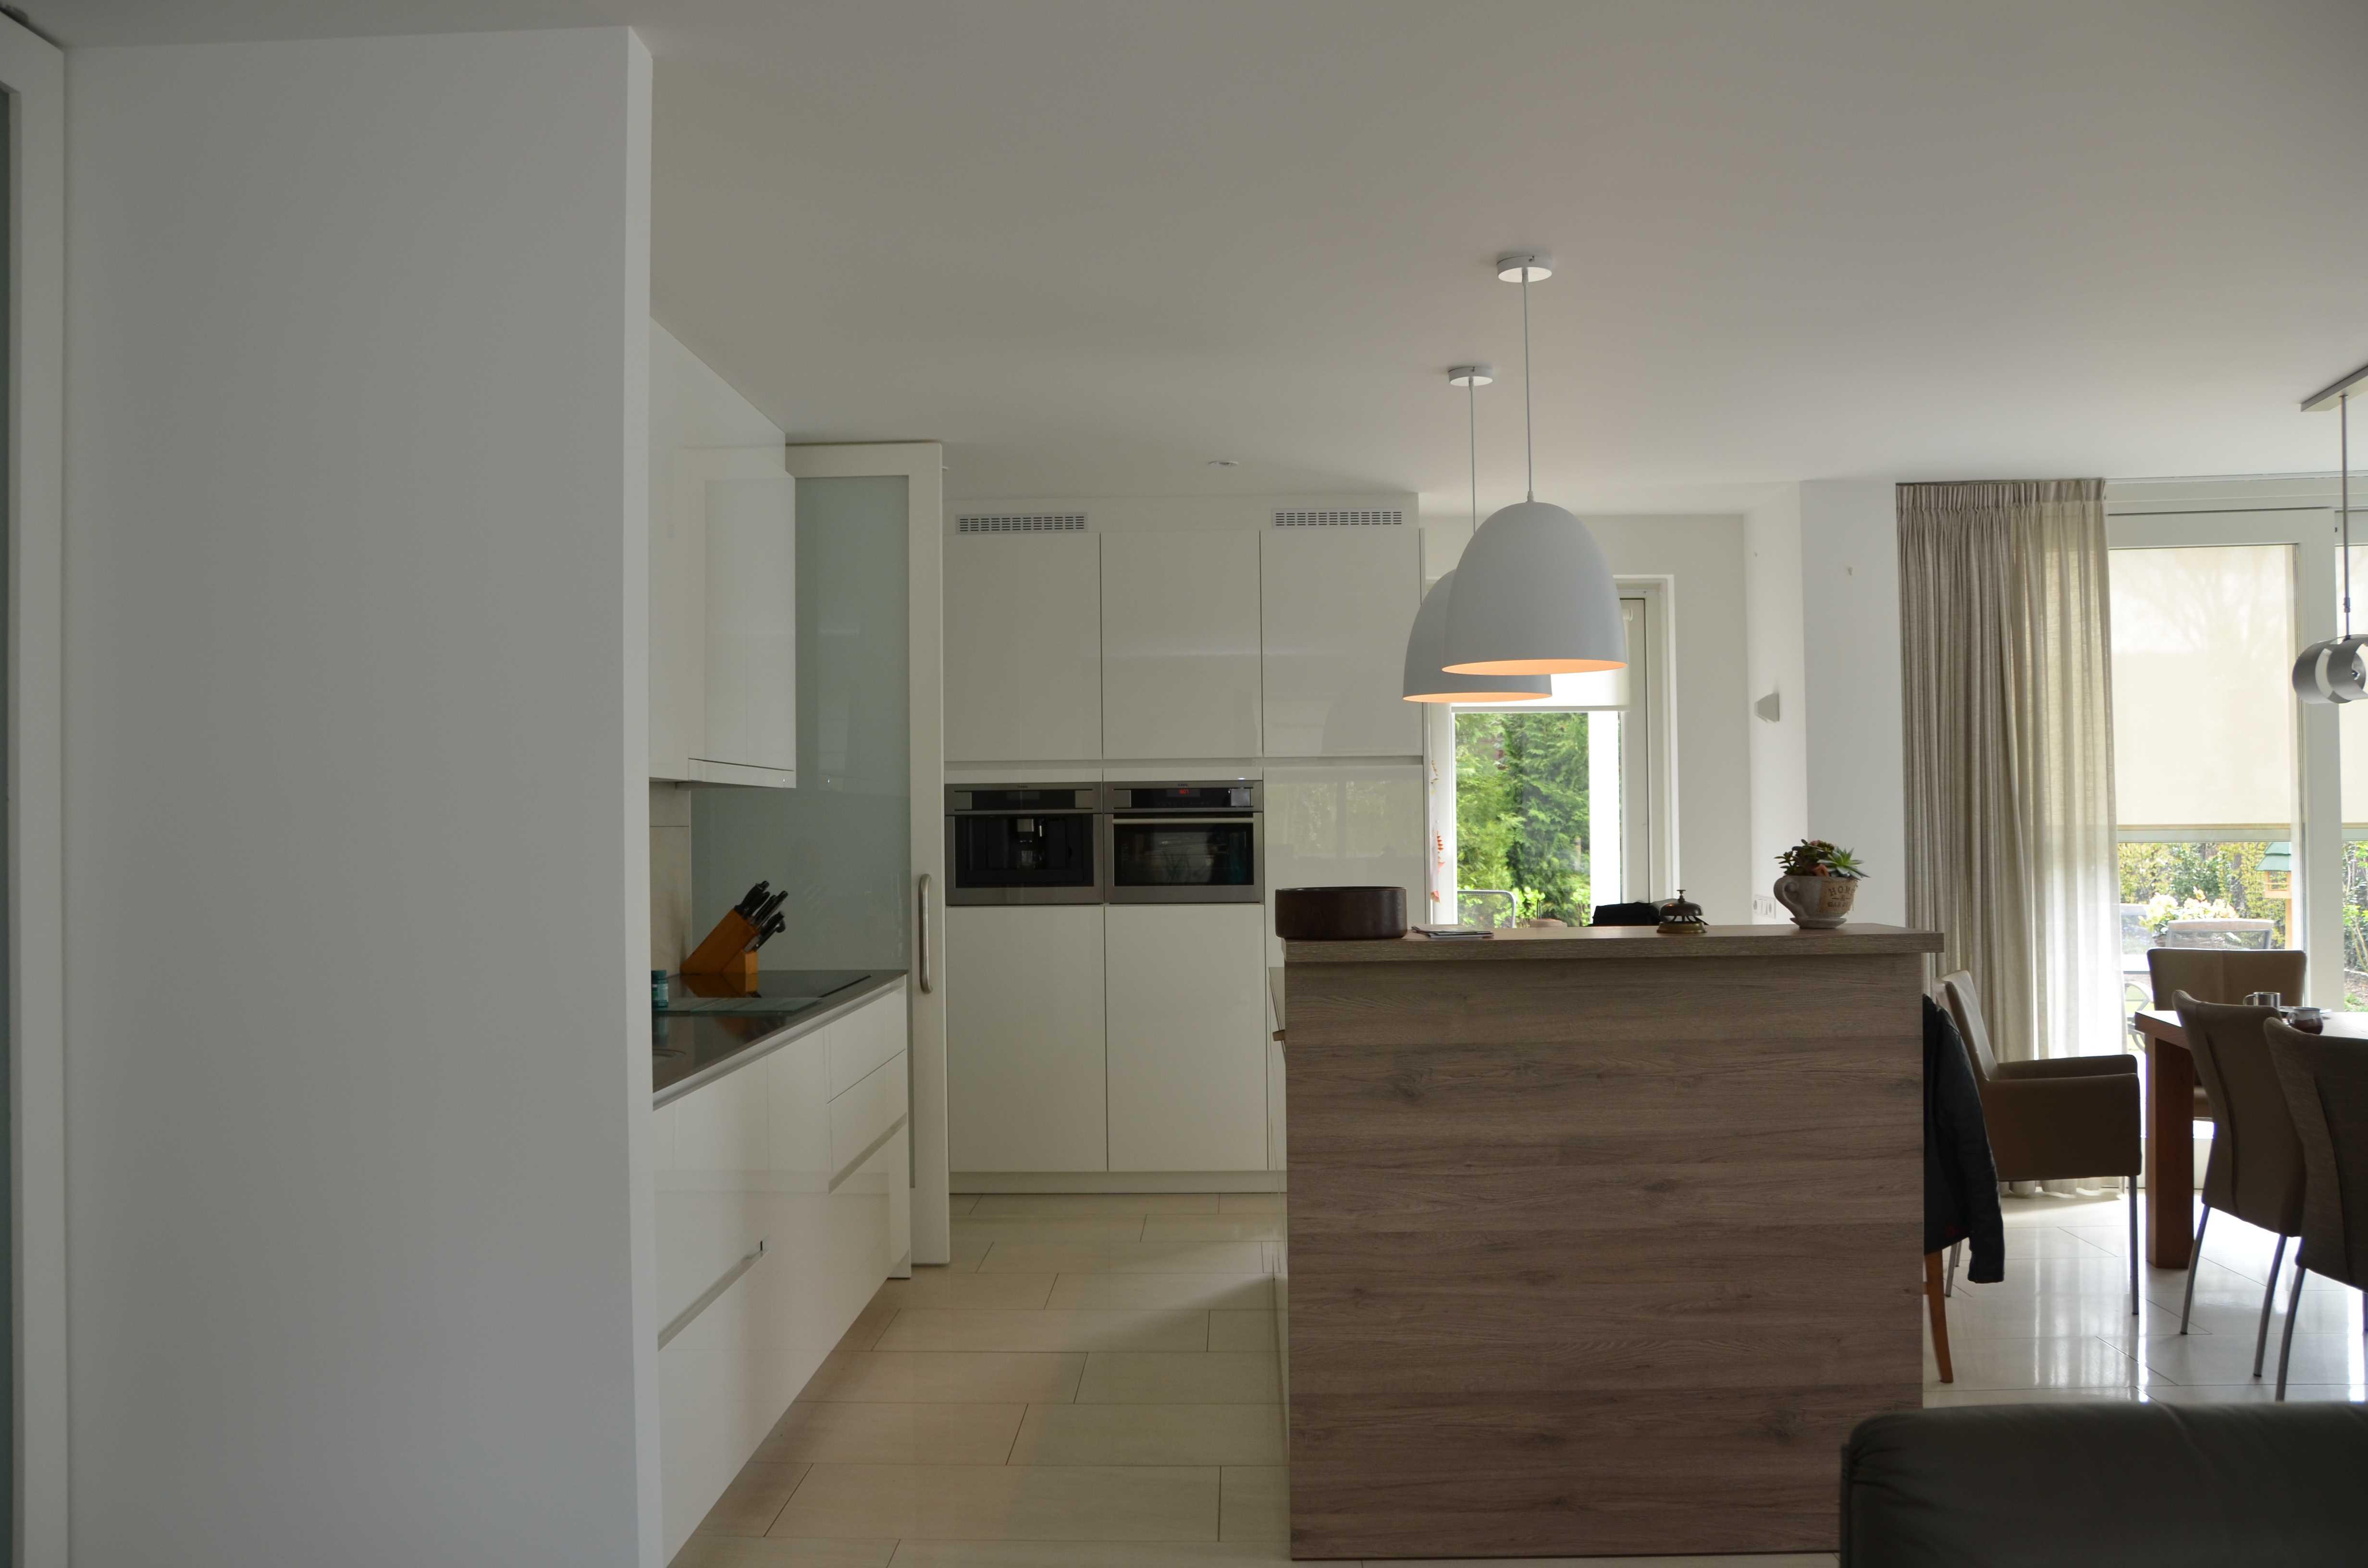 Emejing Verlichting Oisterwijk Images - Ideeën Voor Thuis ...